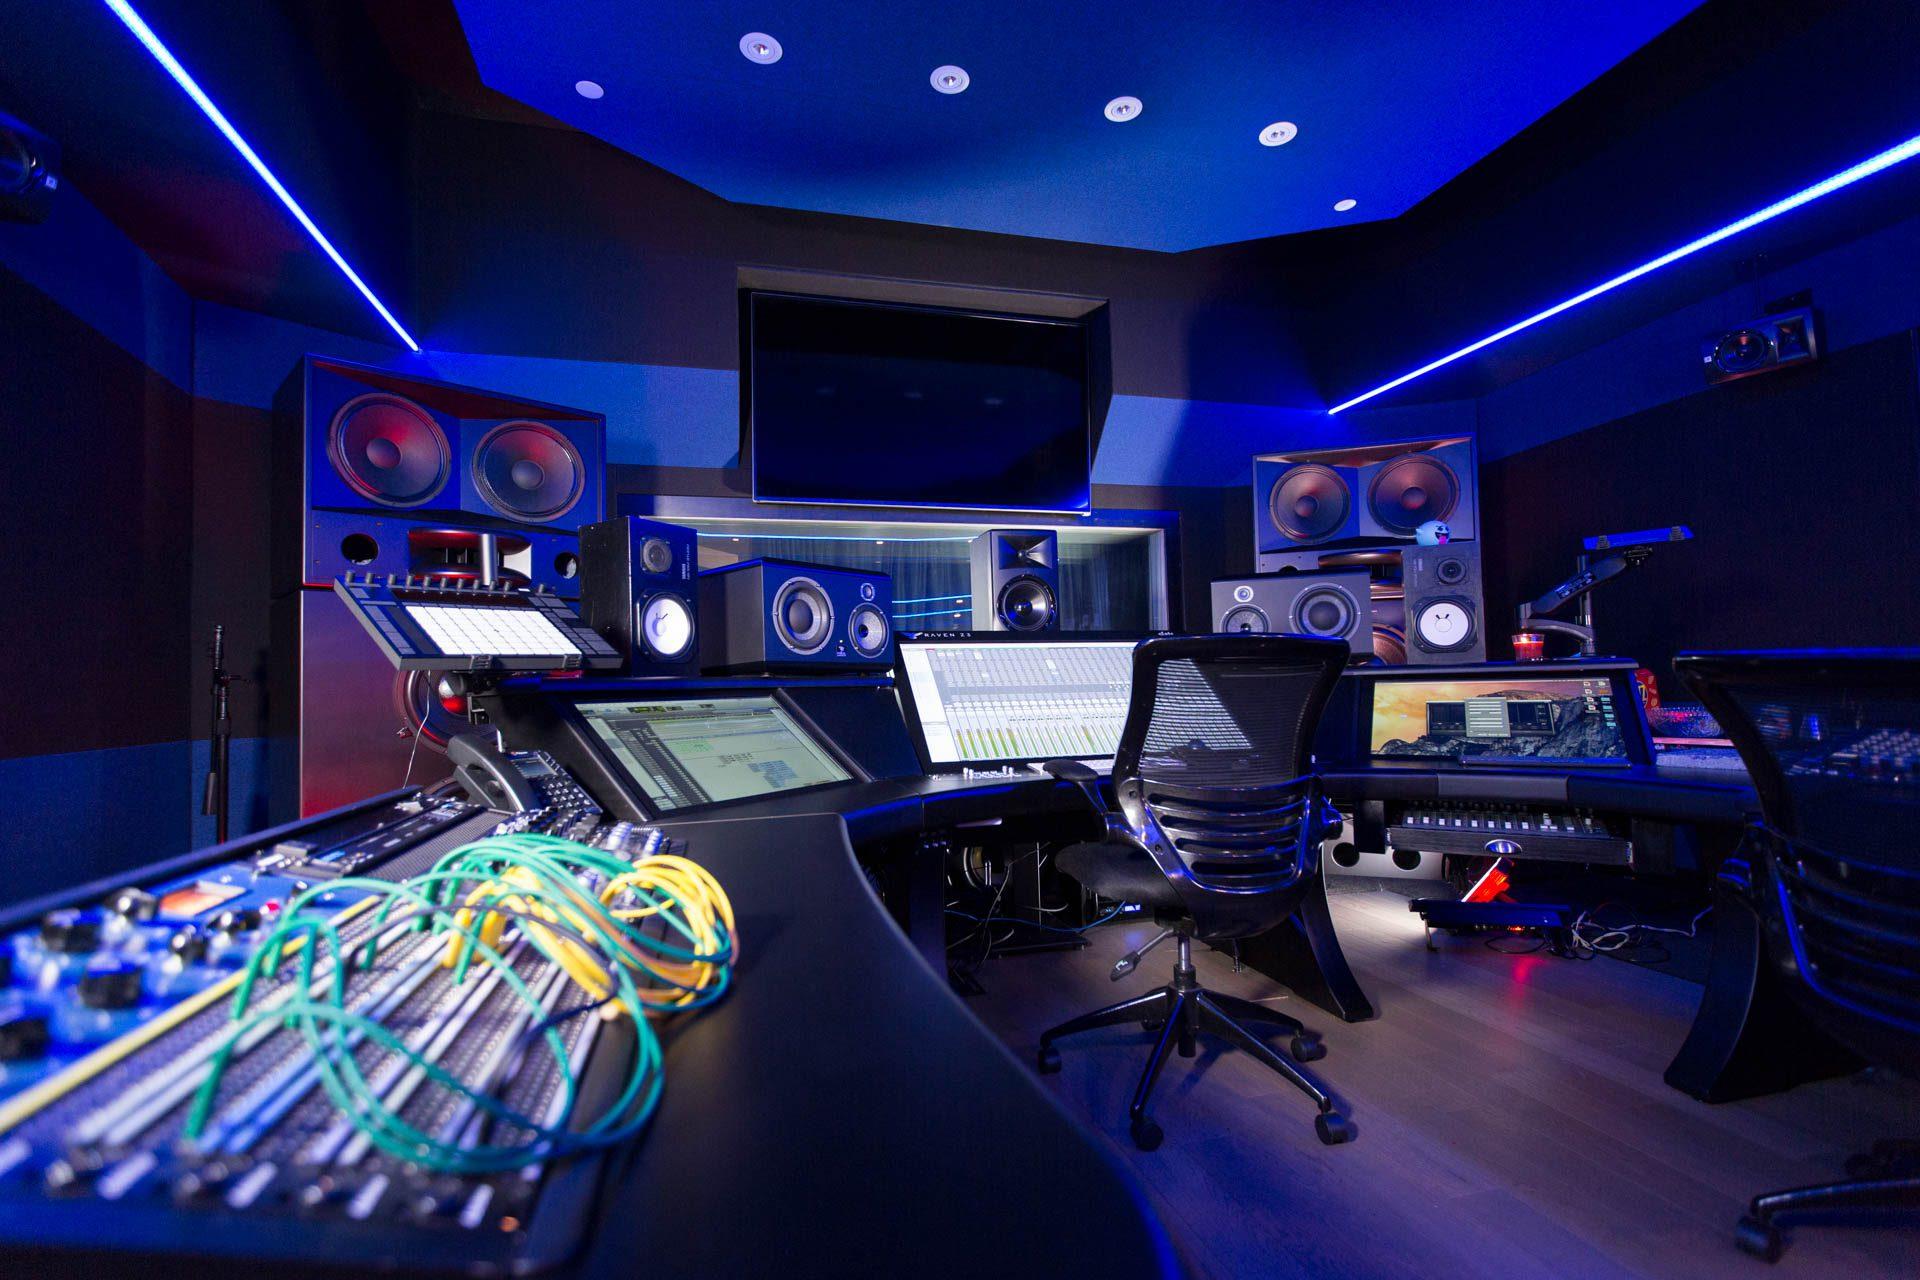 thiết kế phòng thu âm đẹp